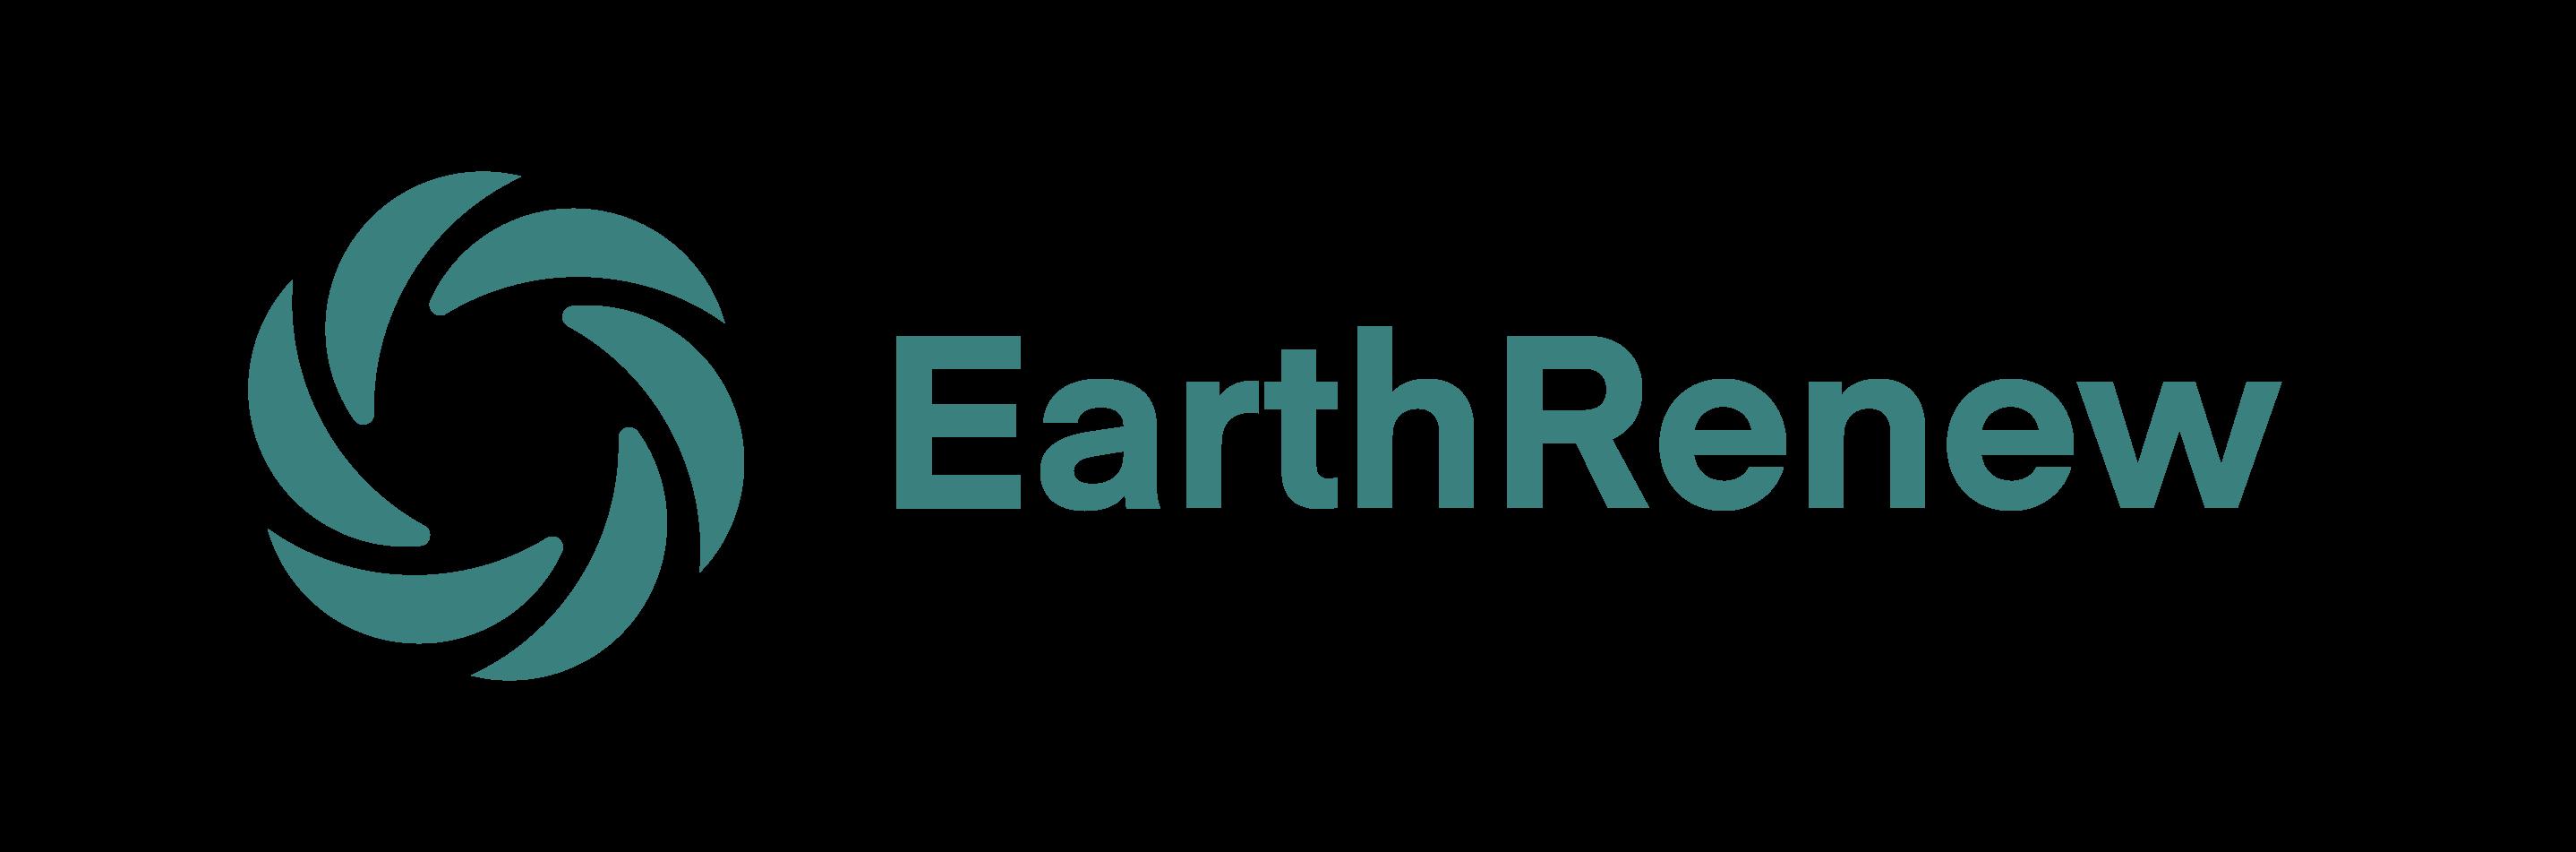 EarthRenew to Host Live Webinar on September 2nd @ 11:00am ET (8:00am PT); Announces September Investor Presentation